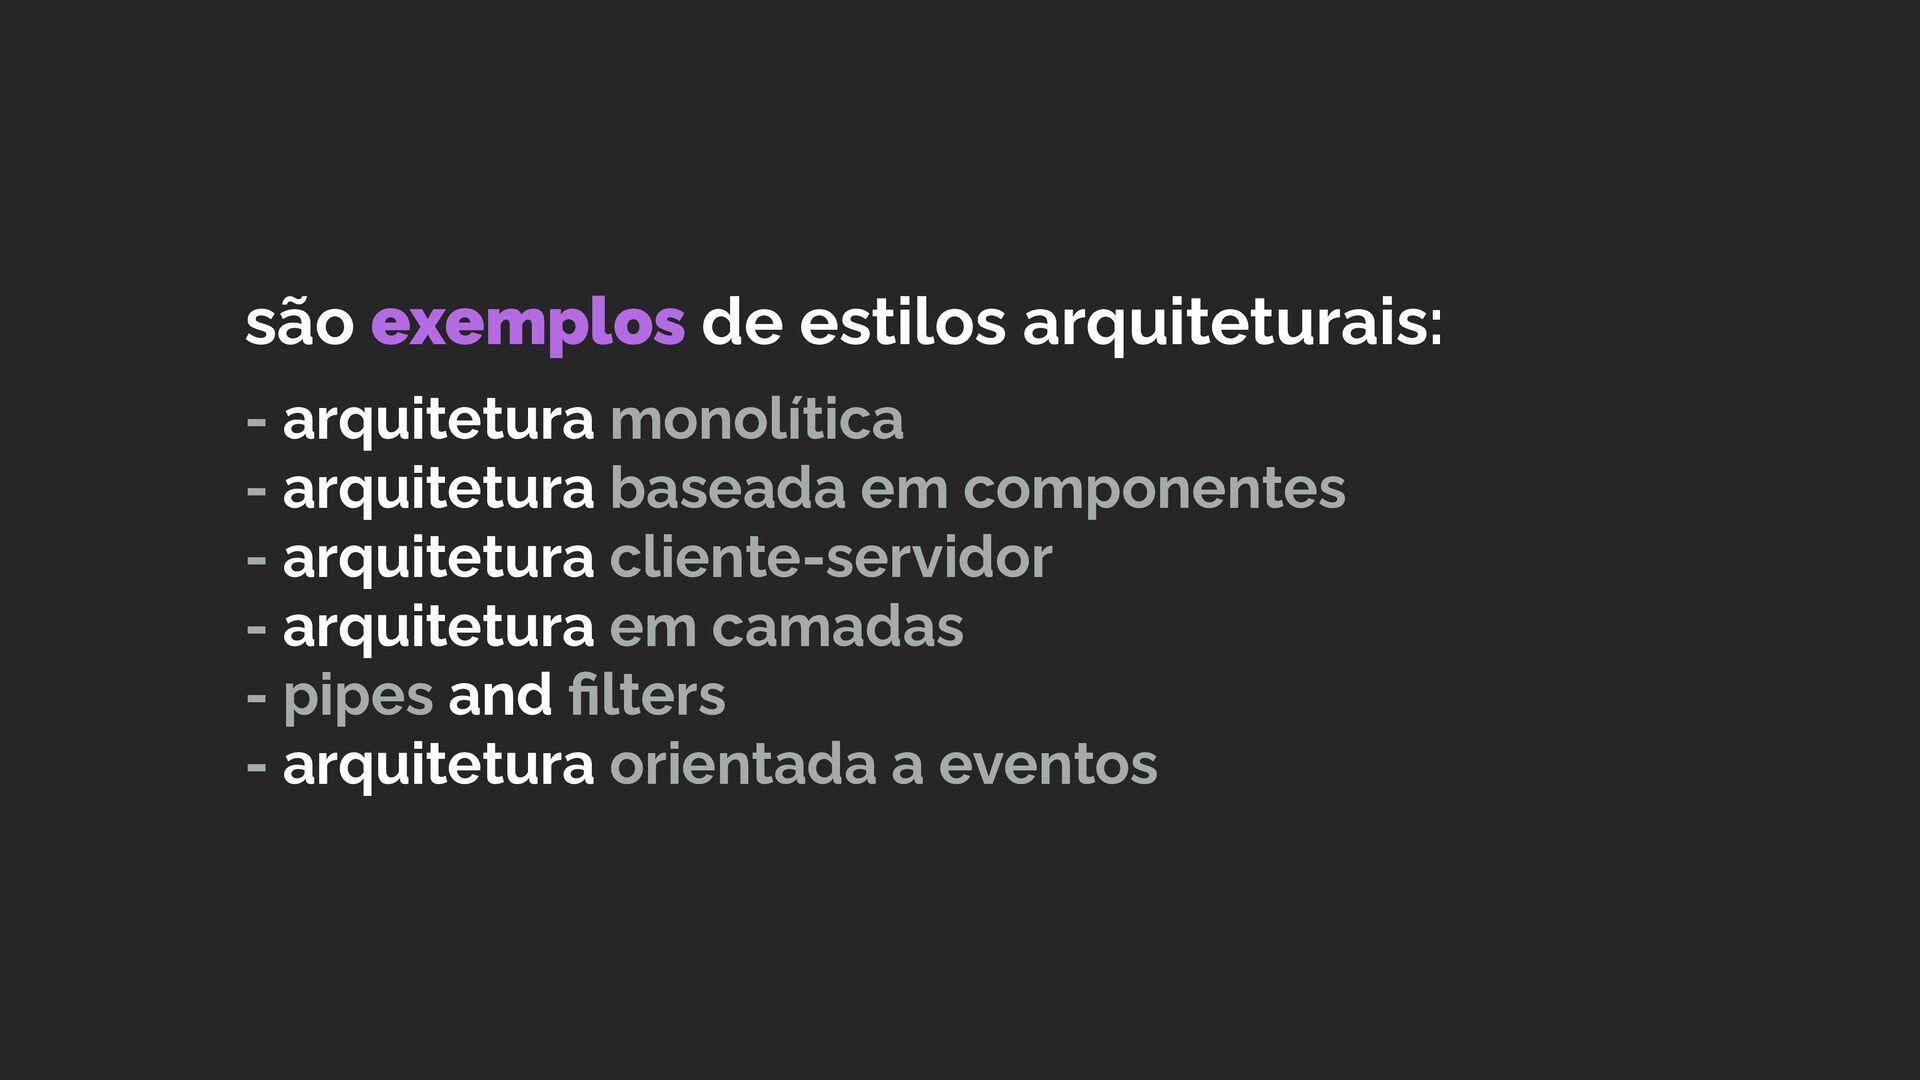 são exemplos de estilos arquiteturais:  - arq...